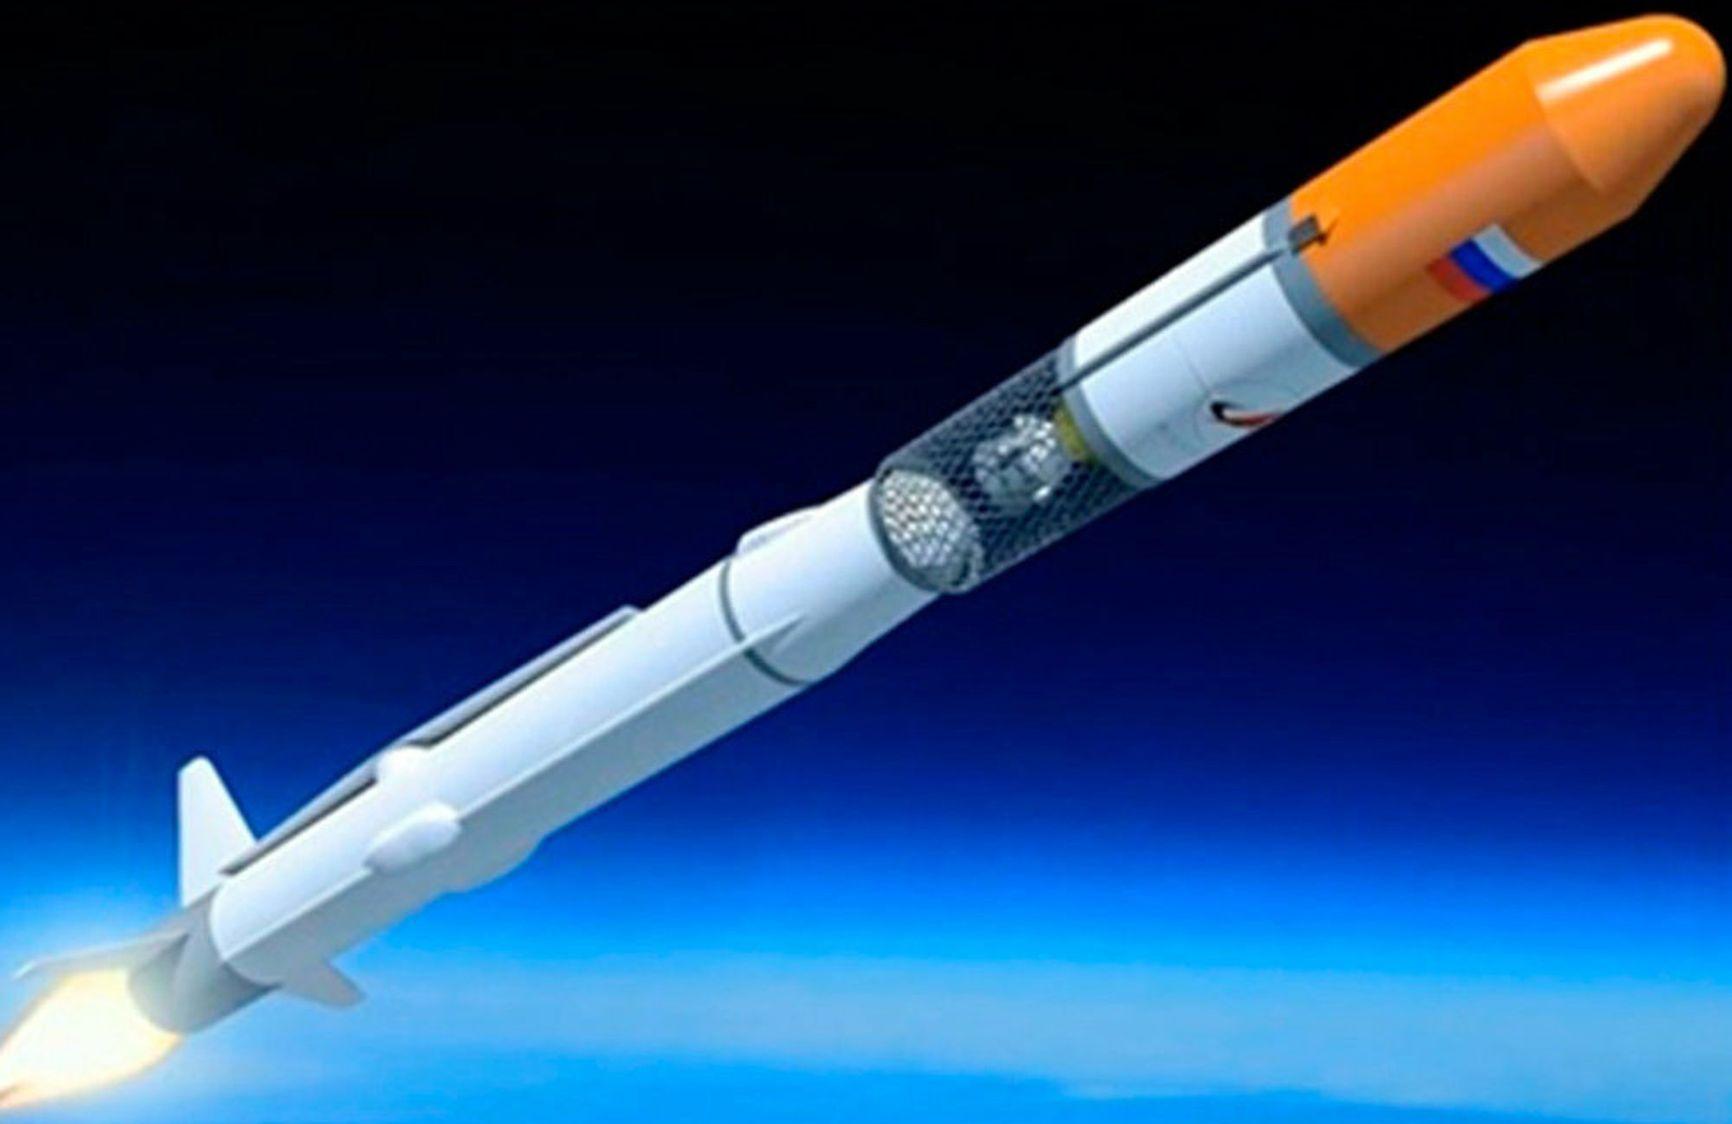 Amur-NLG Rocket Project